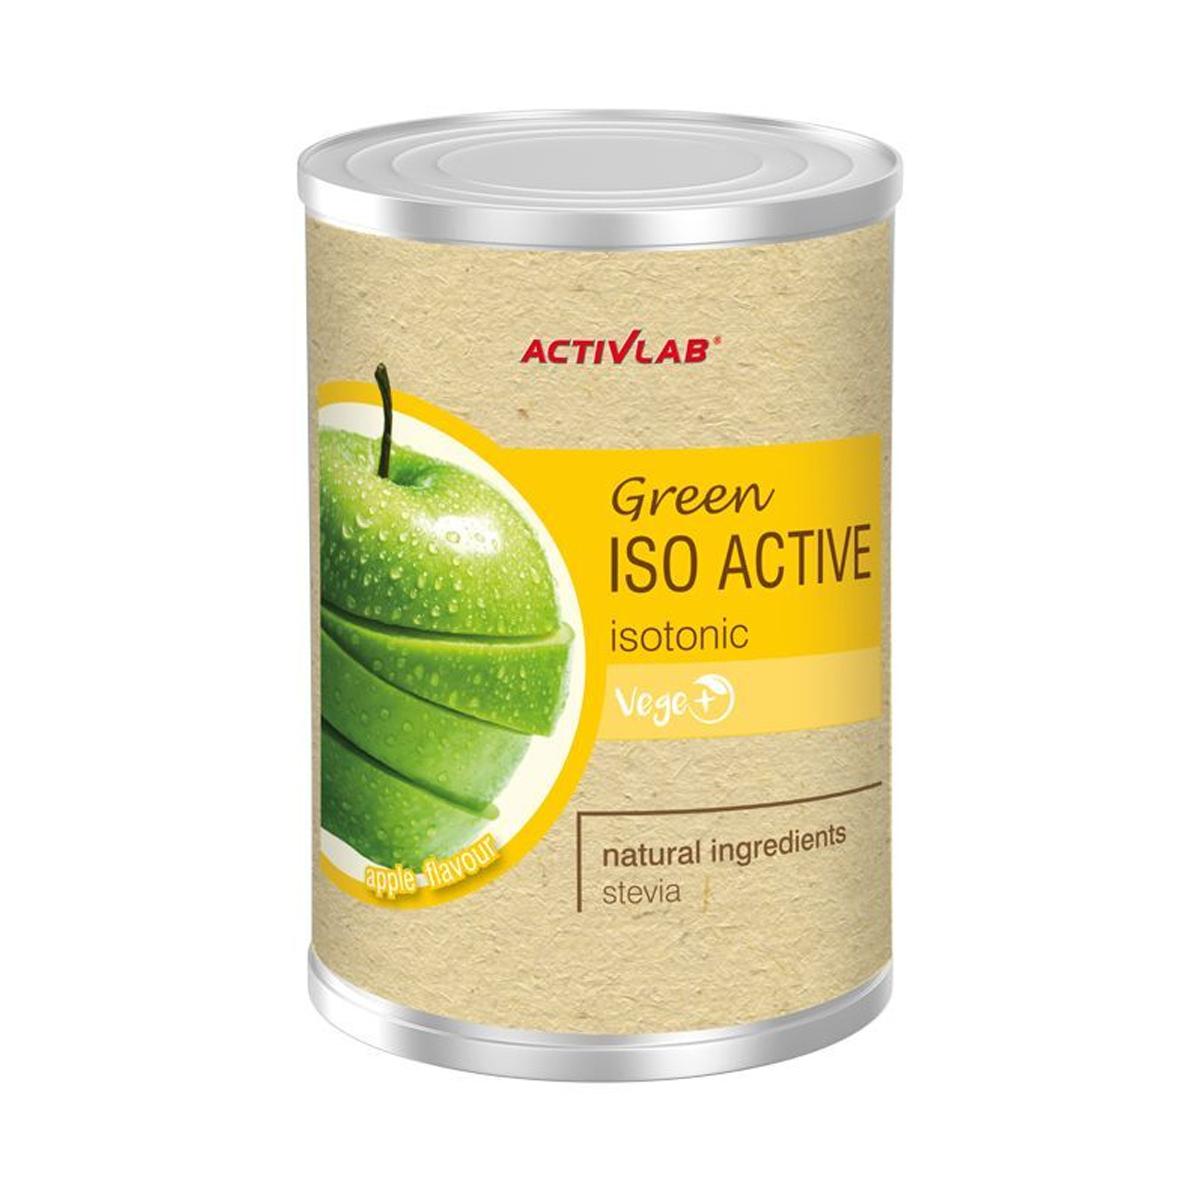 ActivLab Green Isoactive izotonický nápoj 475 g jablko